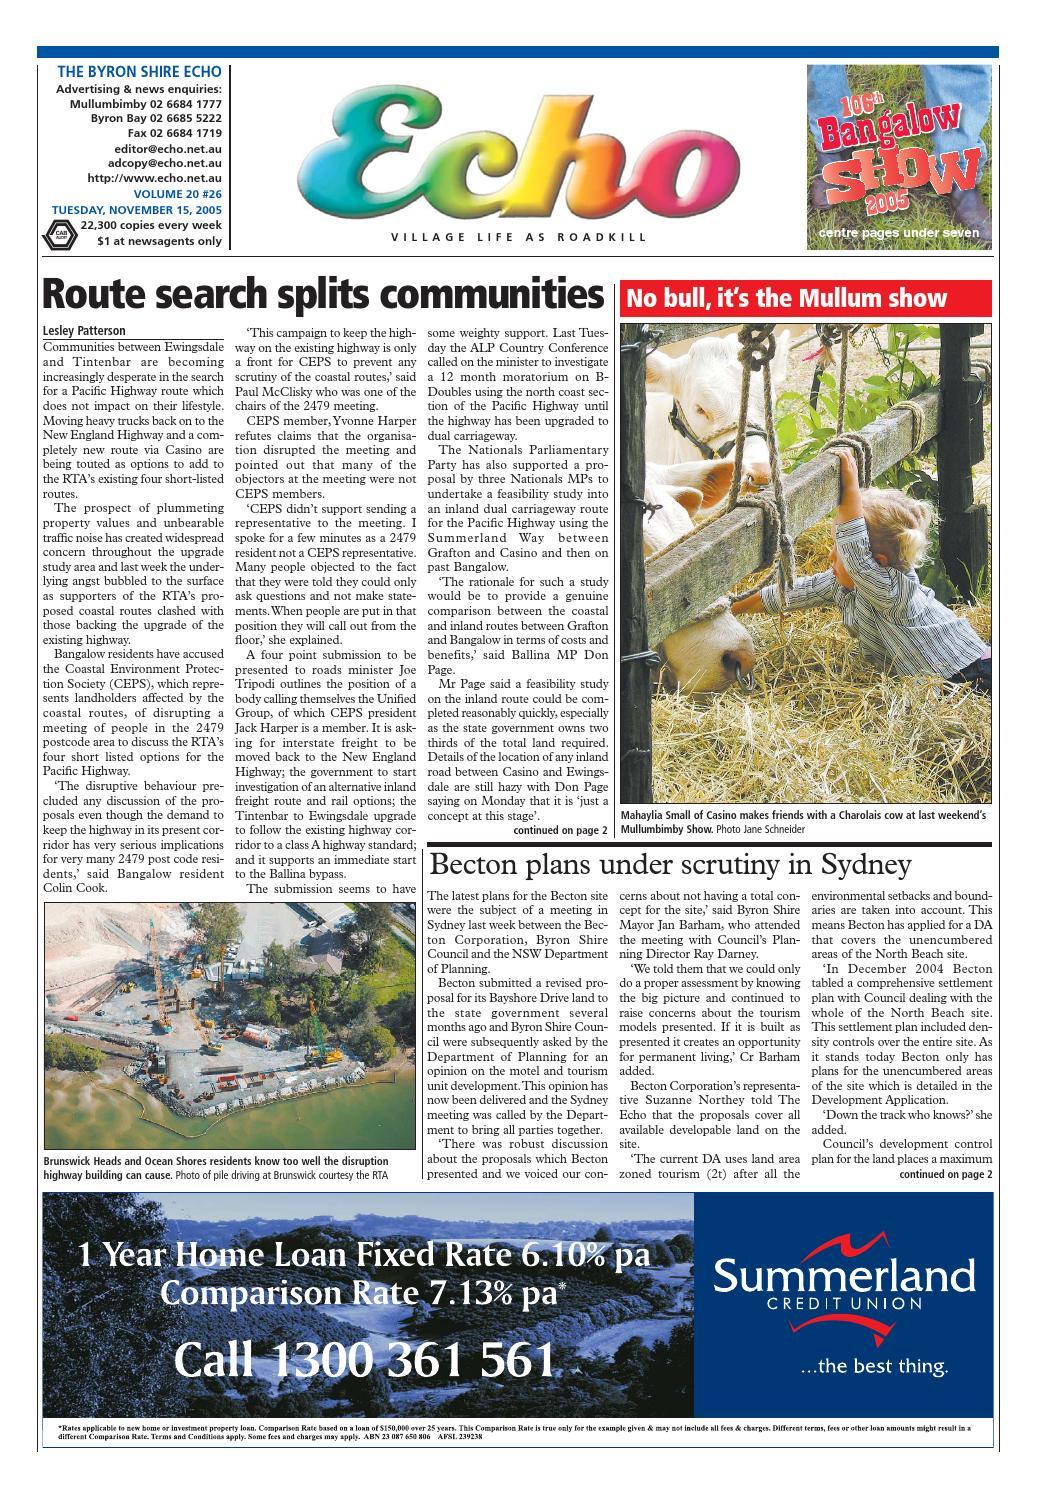 Byron Shire Echo – Issue 20 26 – 15/11/2005 by Echo